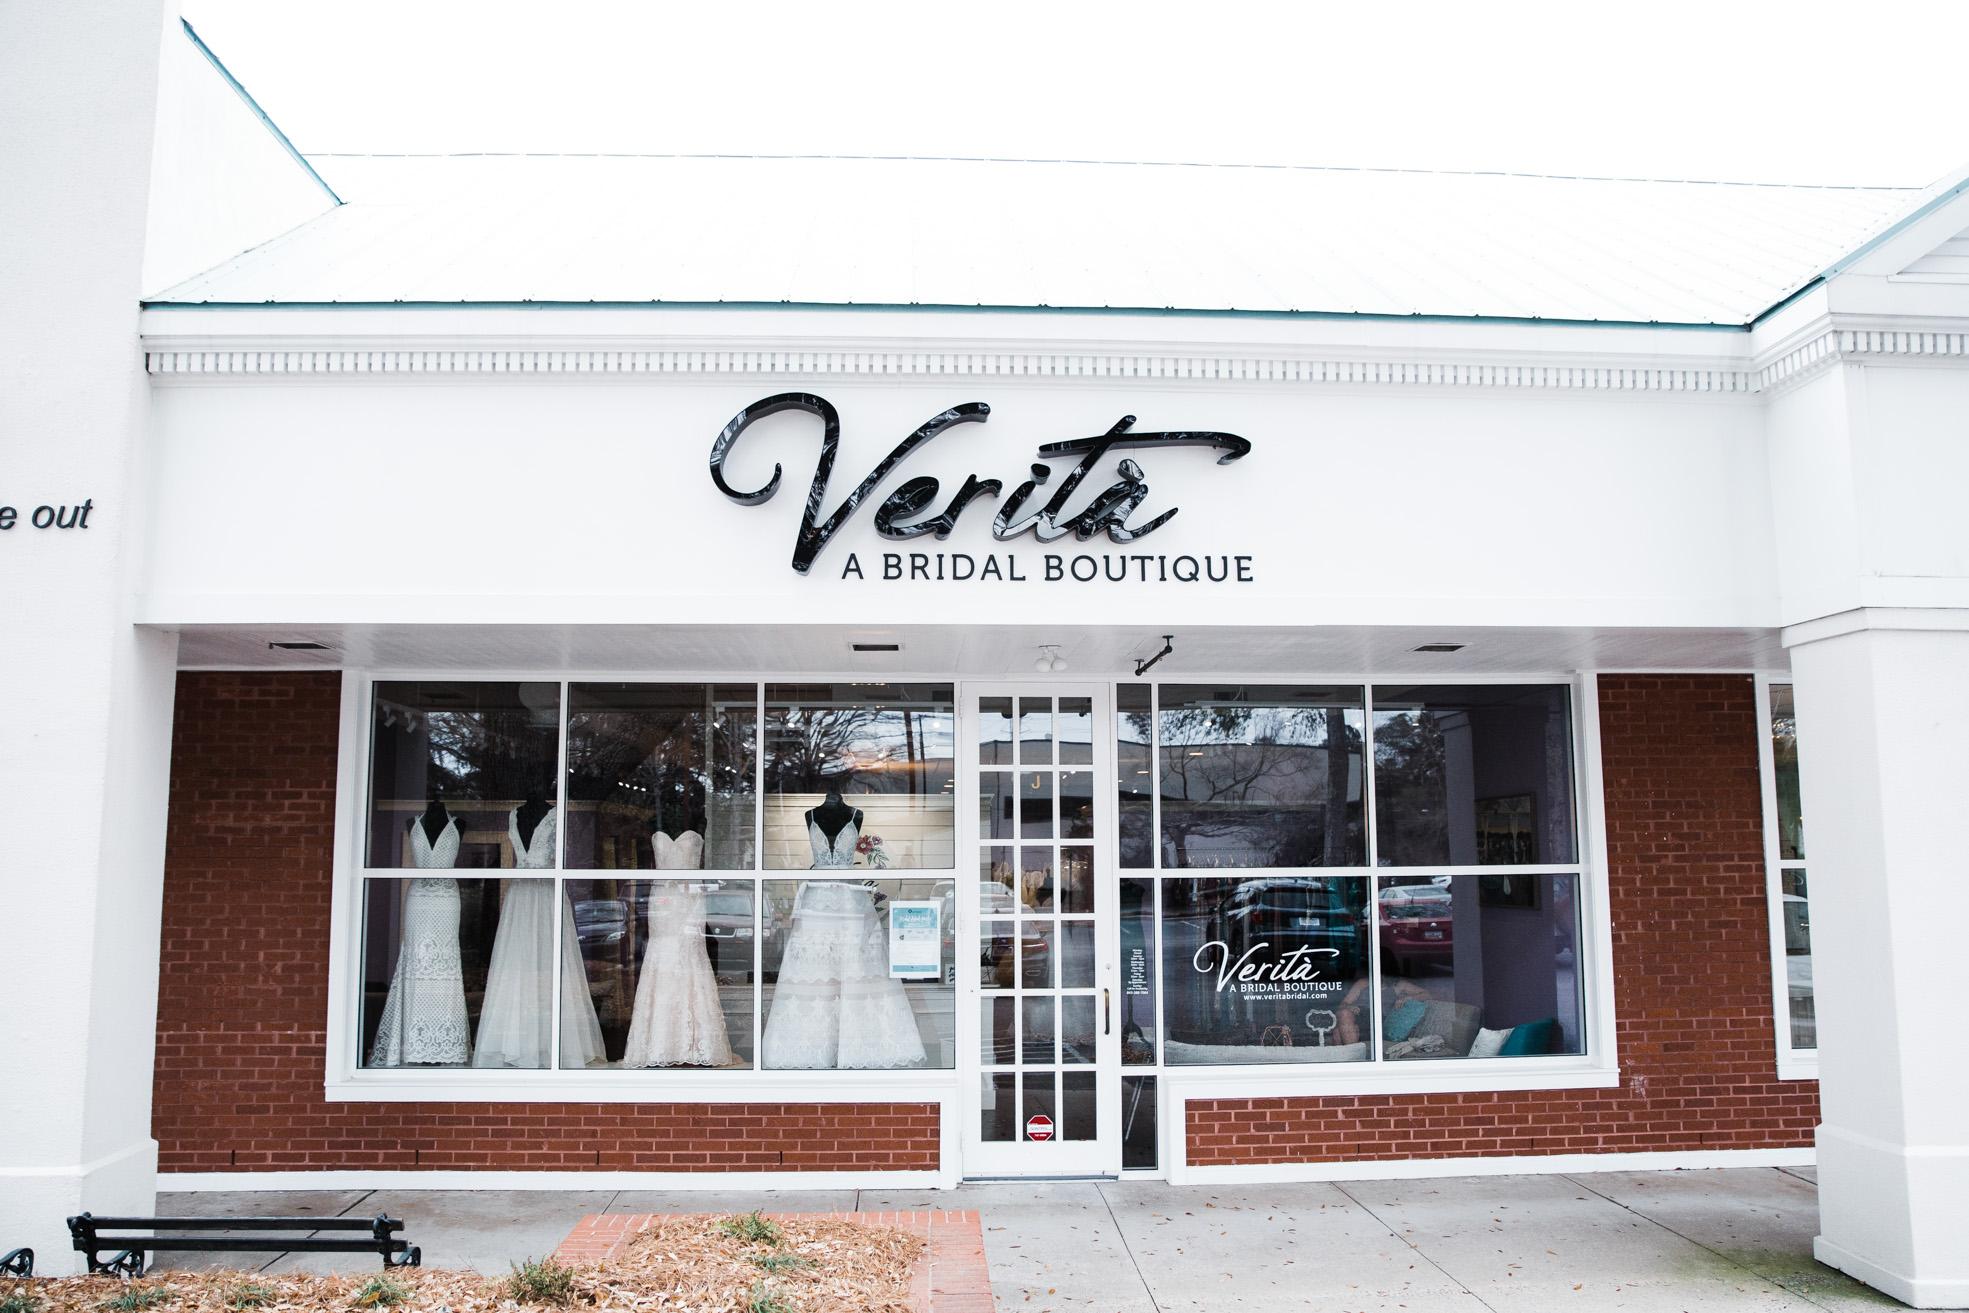 Verita Bridal Boutique